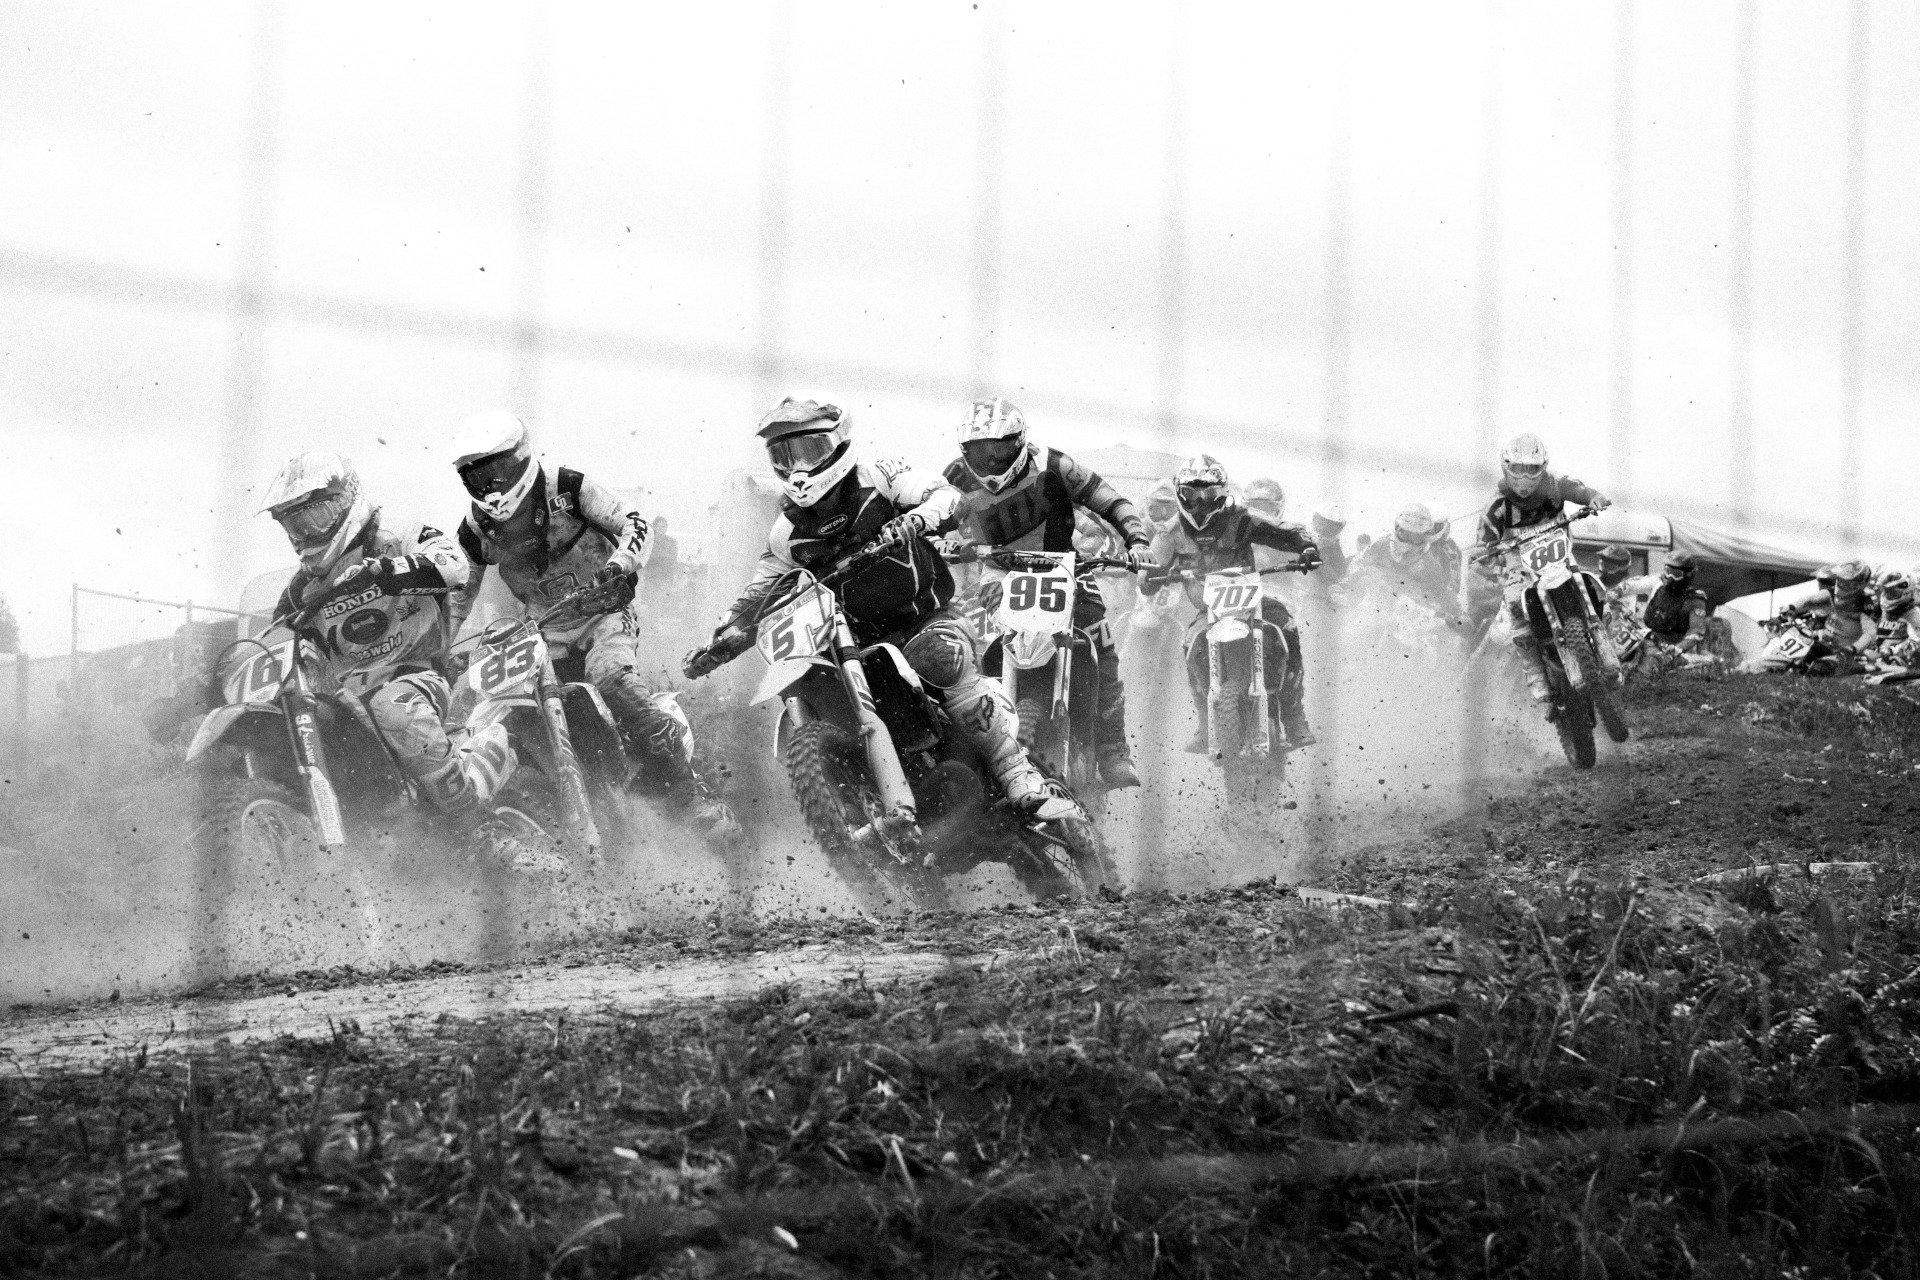 Racing ahead!